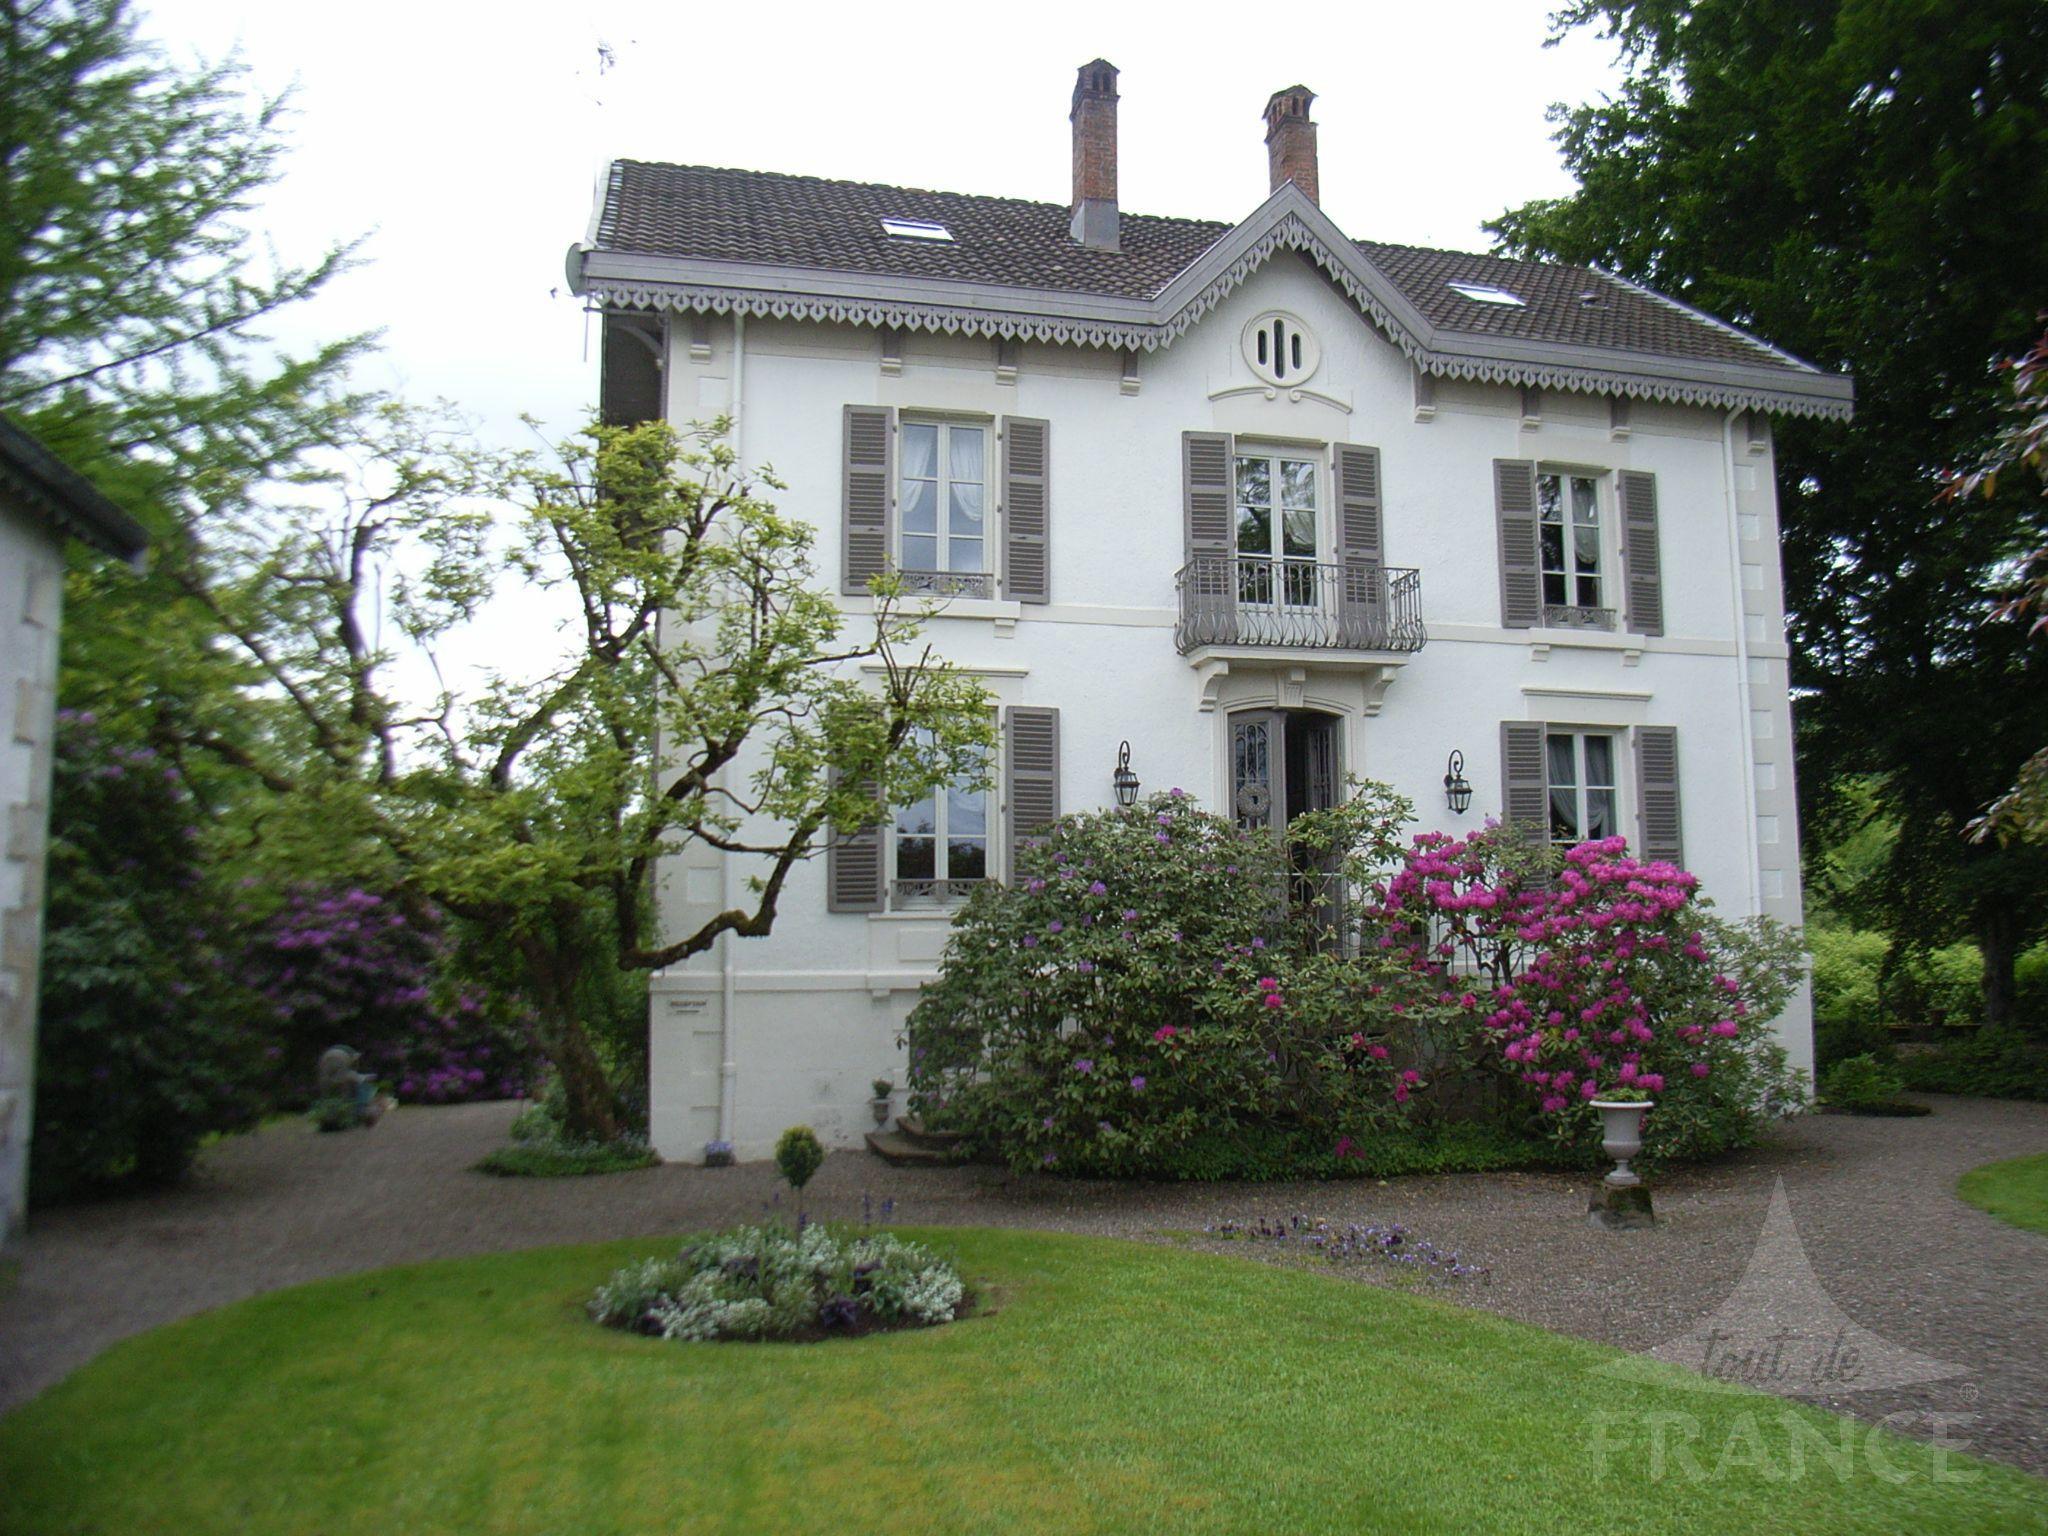 Chambres d 39 h tes in la maison d 39 h tes du parc ronchamp - Chambre d agriculture franche comte ...